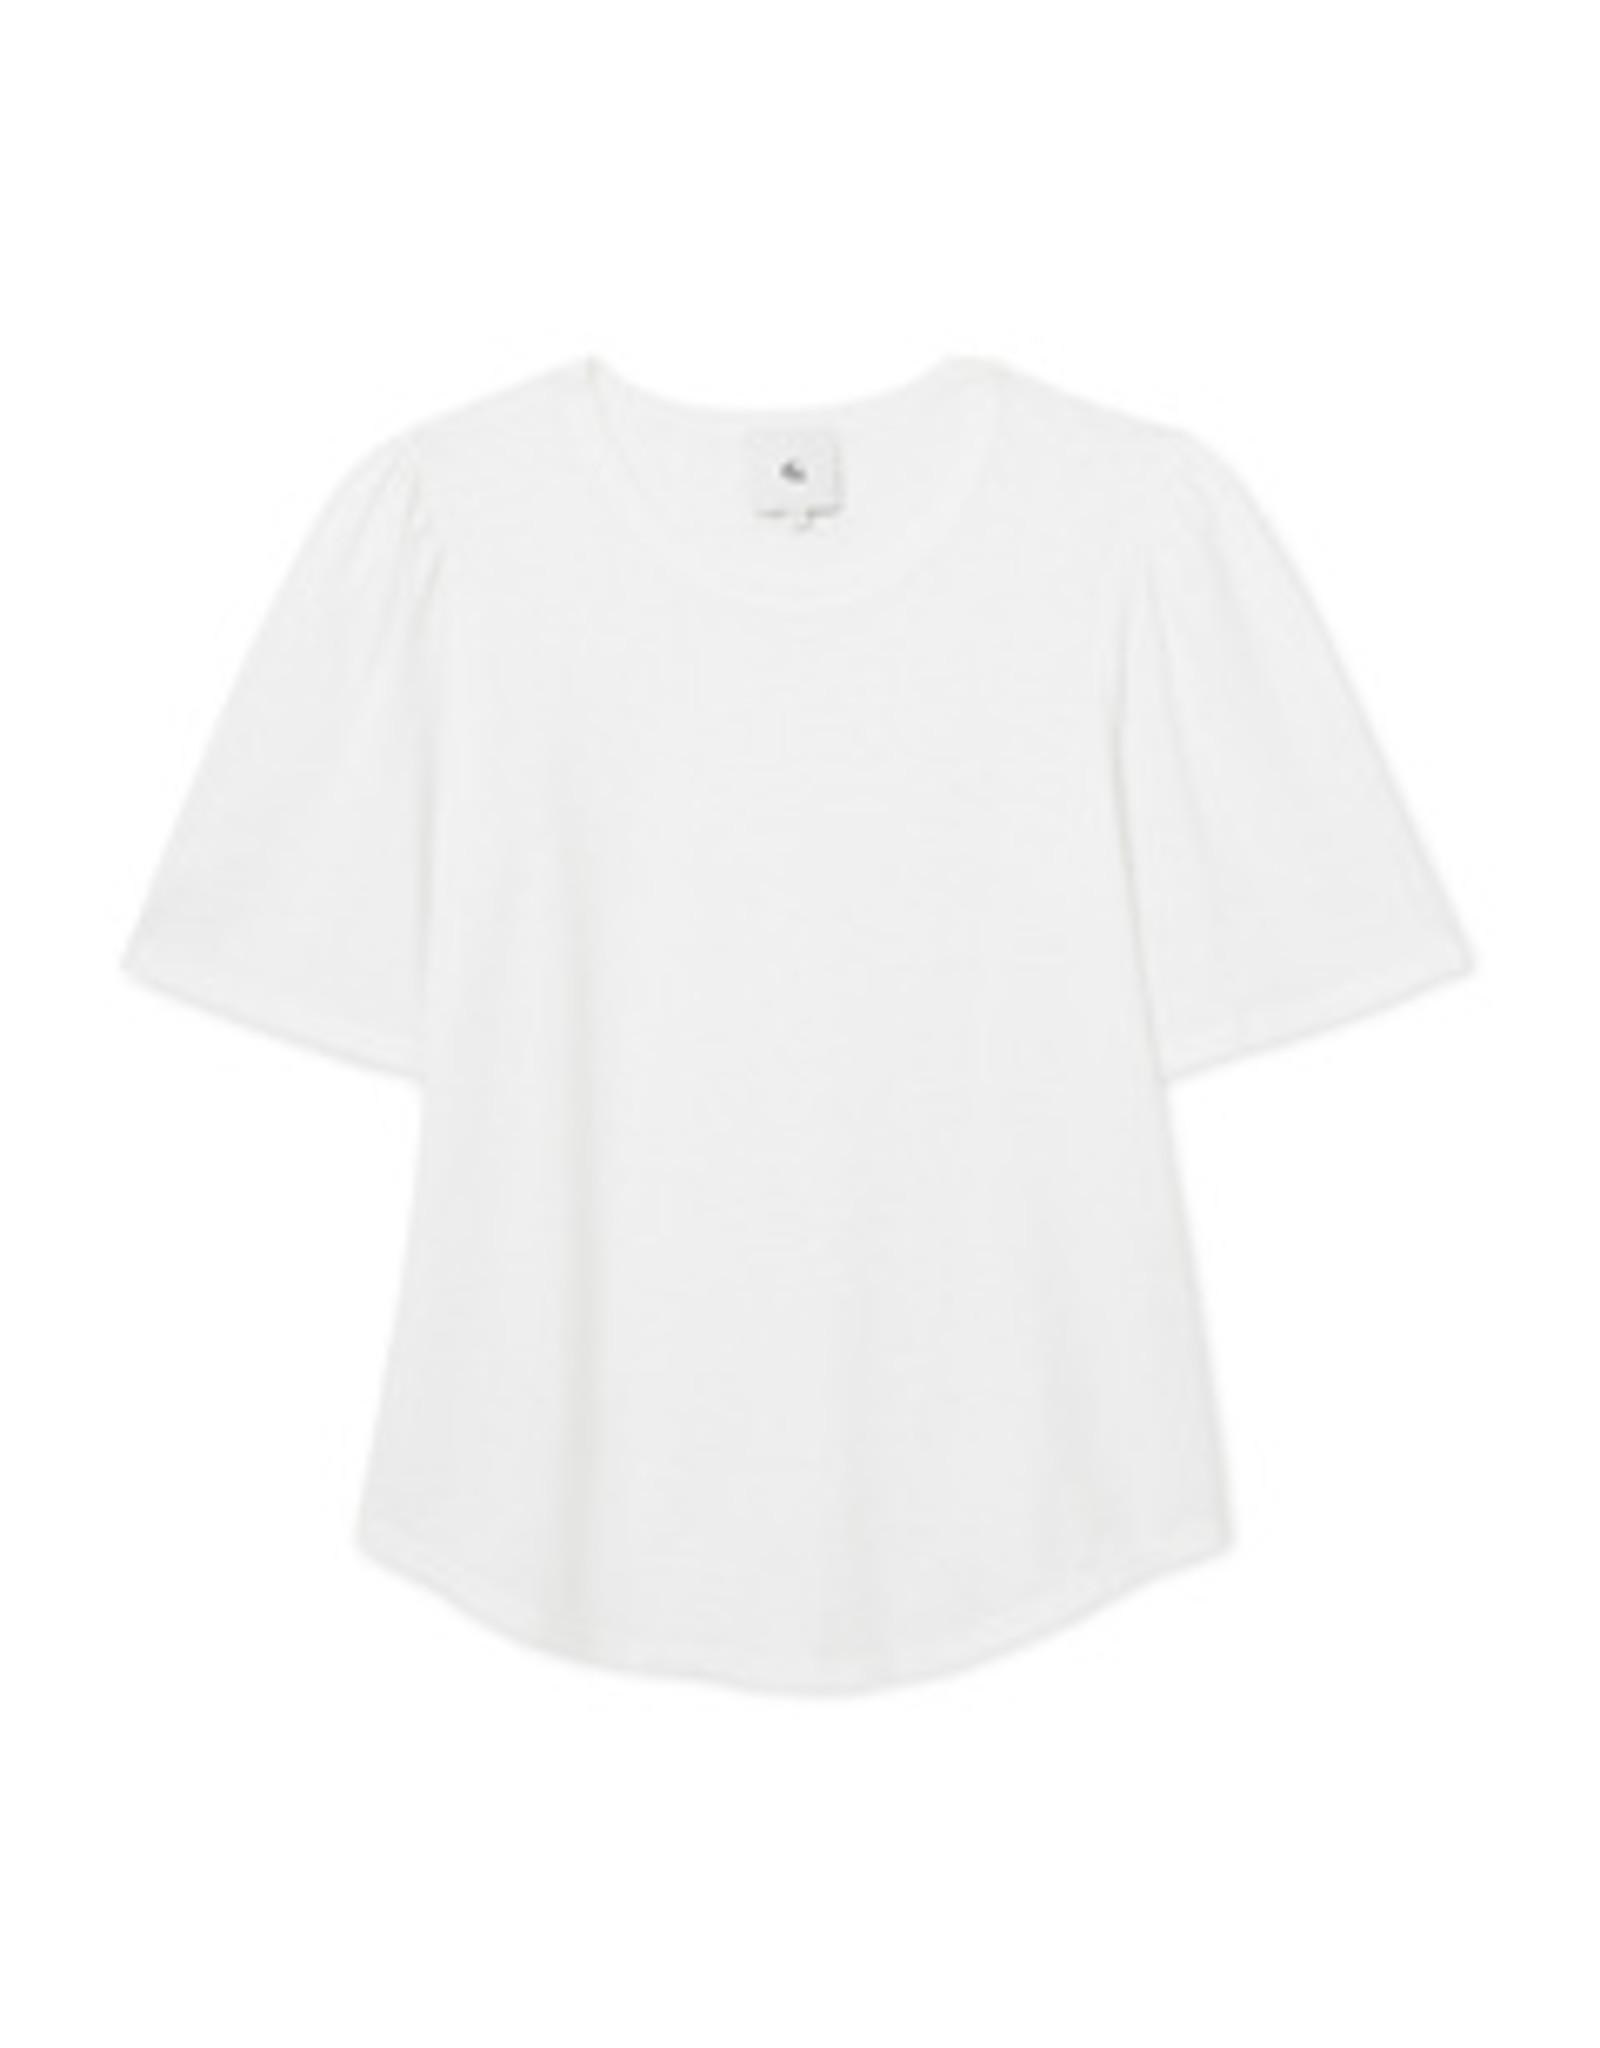 G. Label G. Label Jordan Tee Core (Color: White, Size: L)